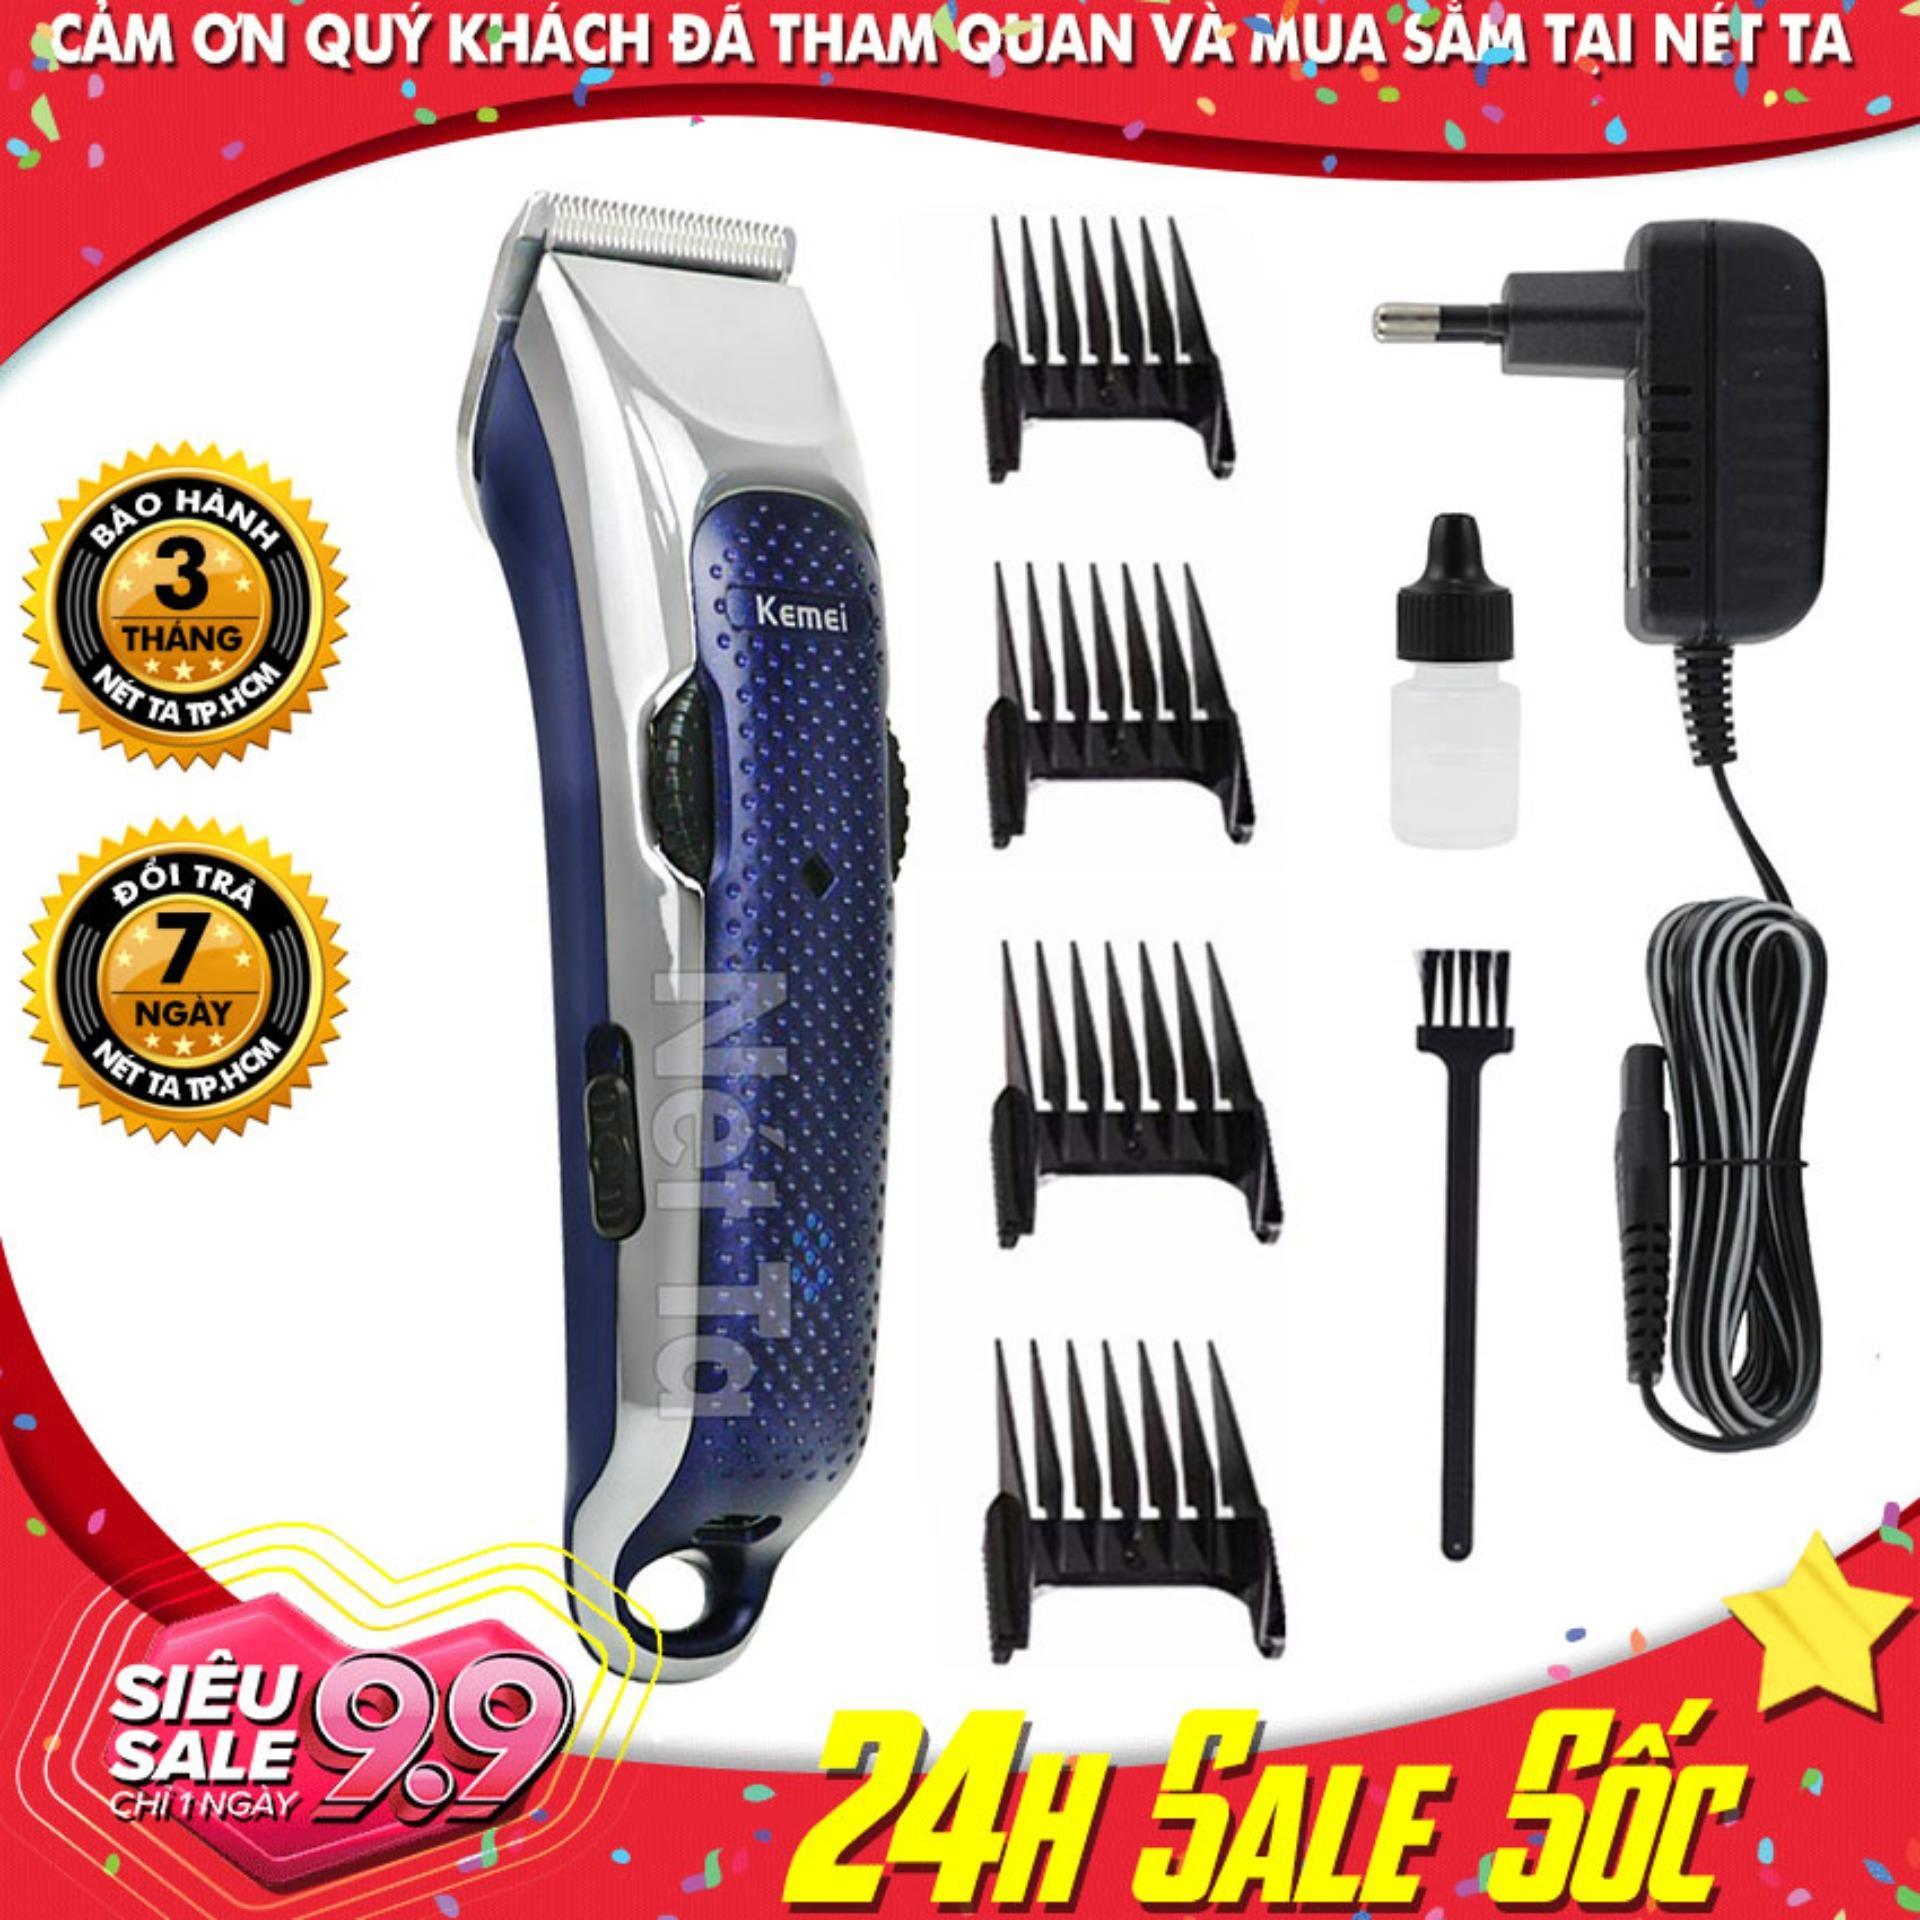 Tông đơ cắt tóc 2 mức tốc độ Kemei KM-5020 (Màu bạc phối xanh)